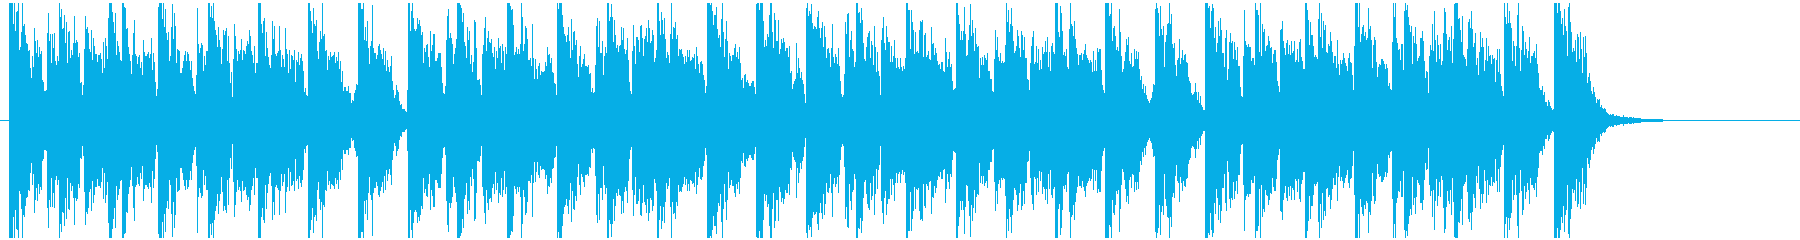 アップテンポでハッピーなジングルの再生済みの波形